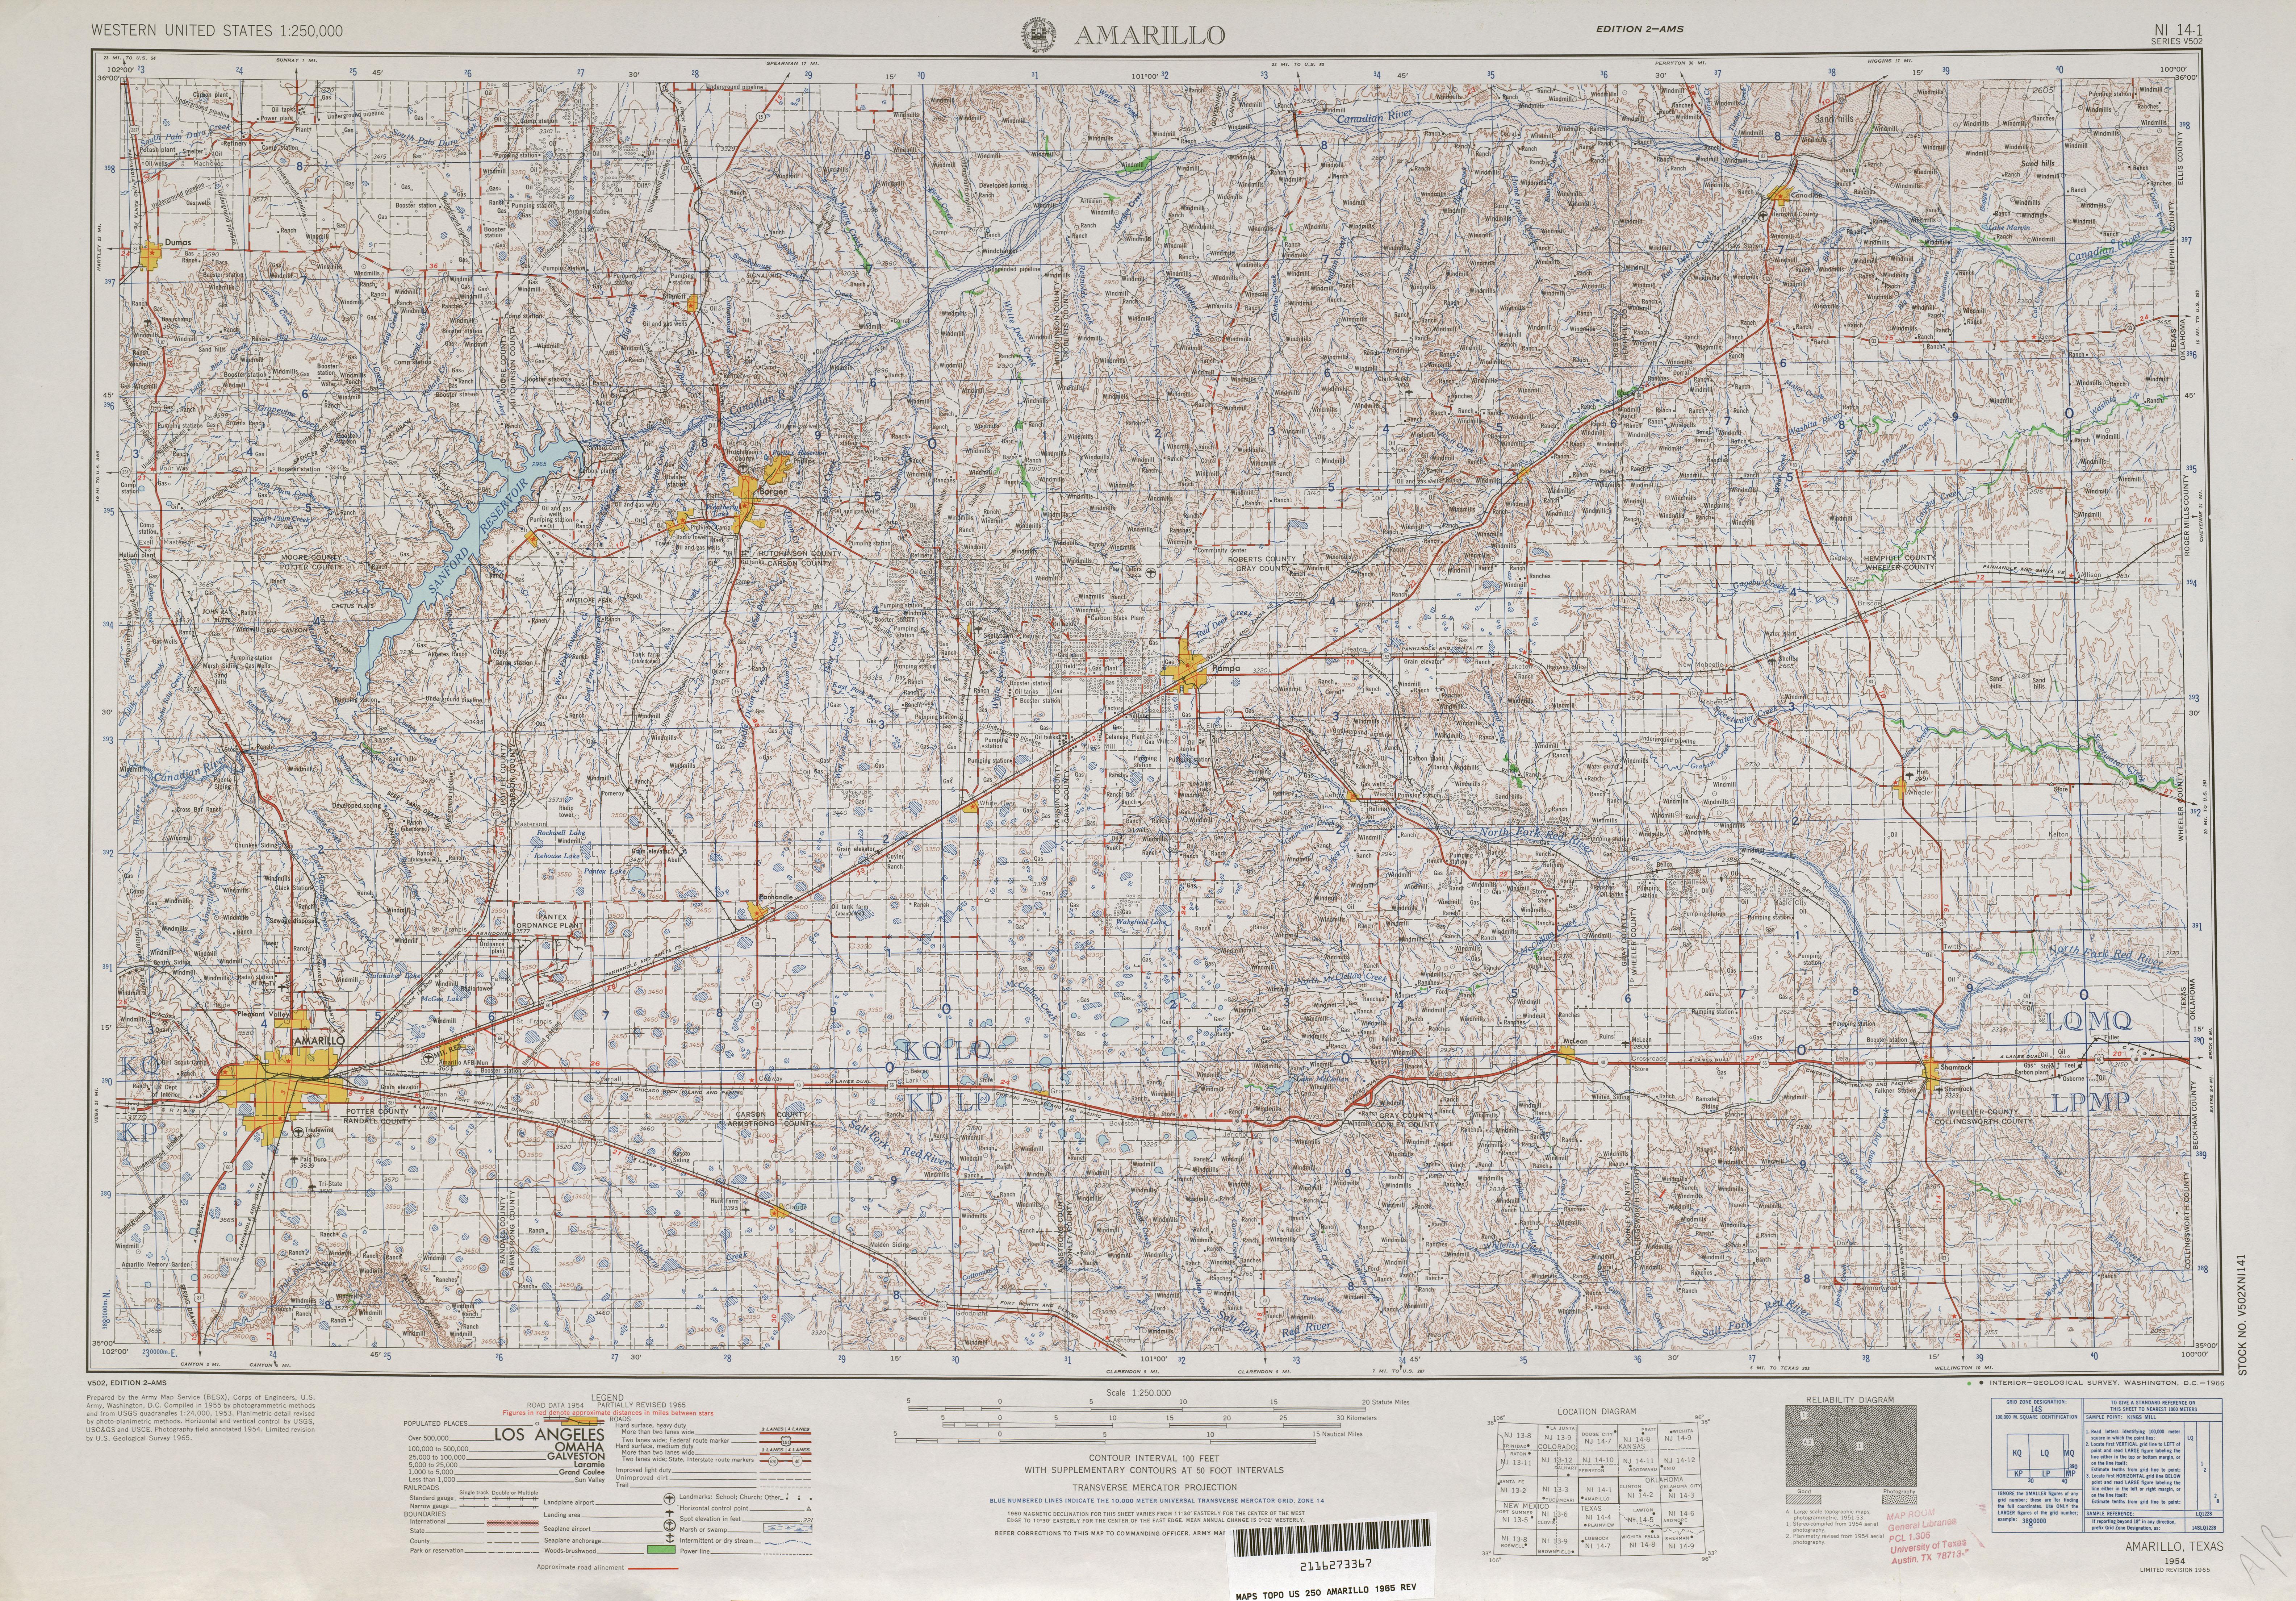 Hoja Amarillo del Mapa Topográfico de los Estados Unidos 1965